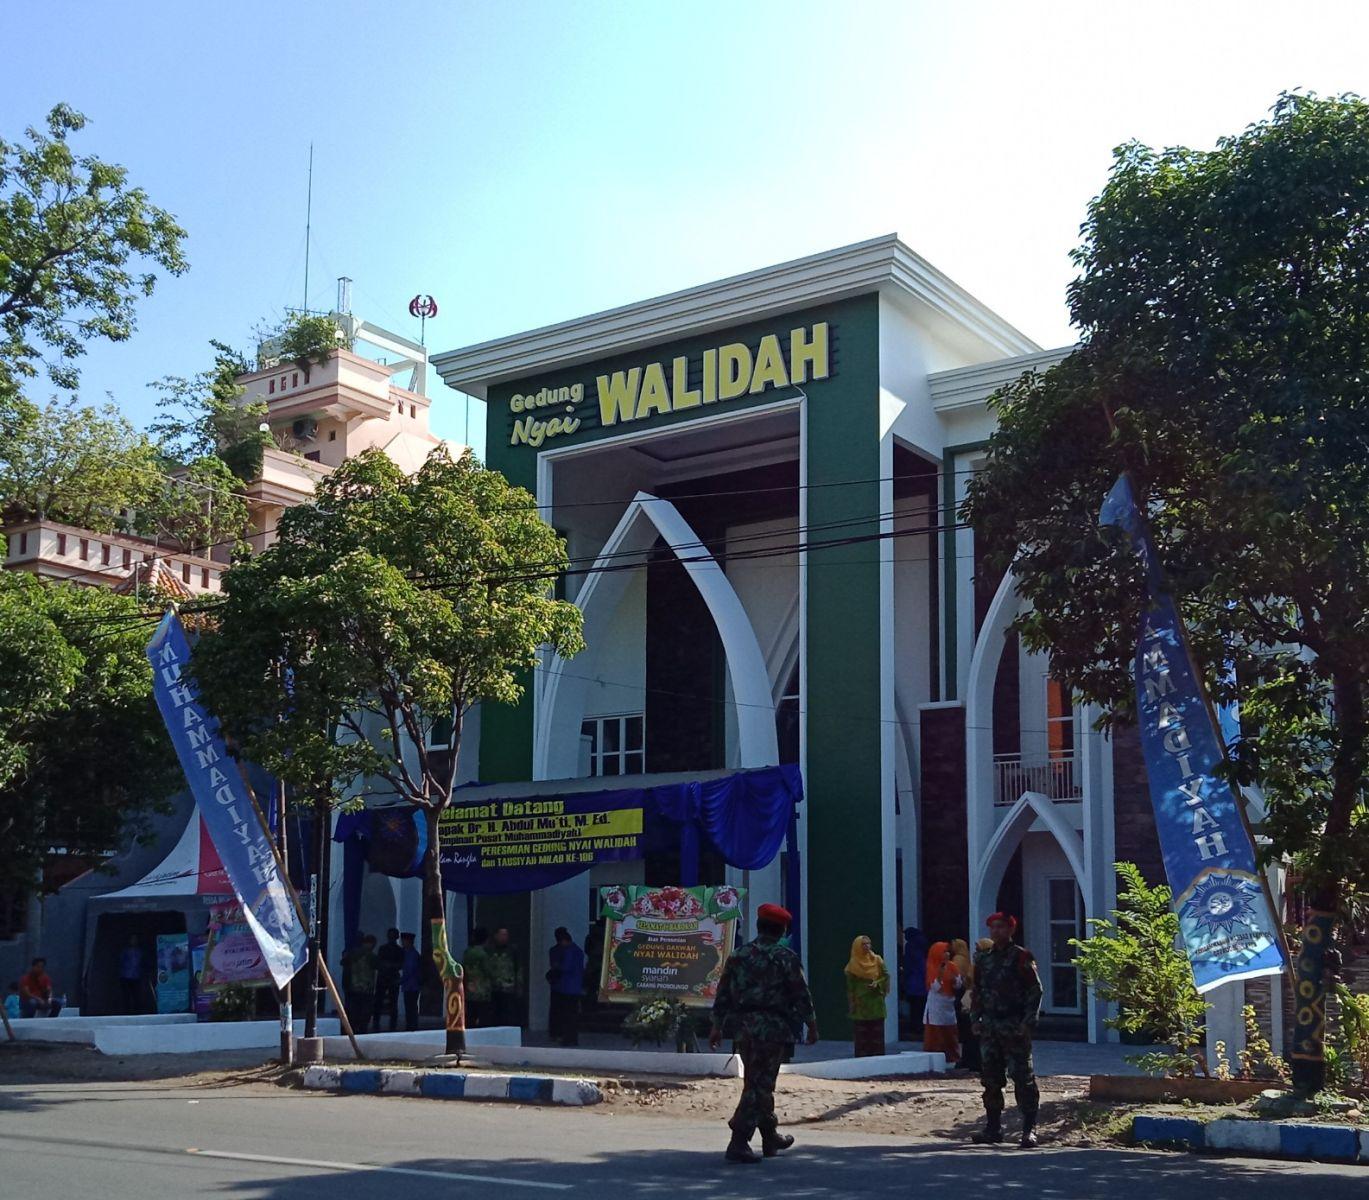 Gedung Nyai Walidah yang diresmikan pada tanggl 13 Januari 2019, berlokasi di Jl. Mayjen Pandjaitan No. 51 Kota Probolinggo